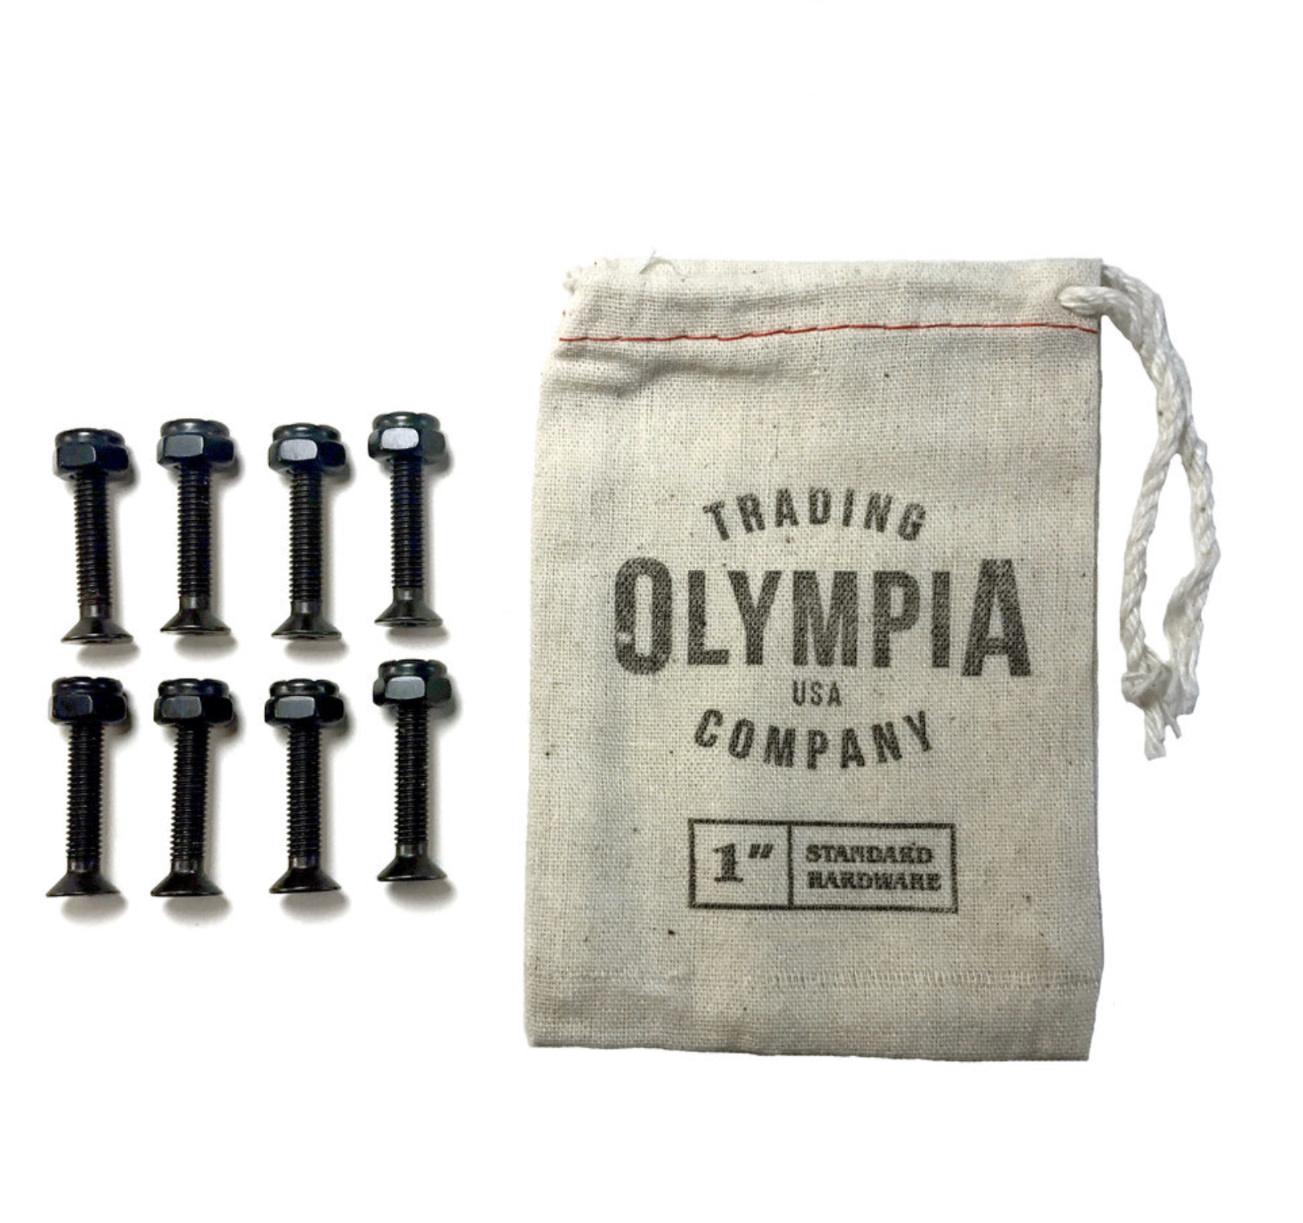 Olympia Trading Company Olympia - 1 Hardware